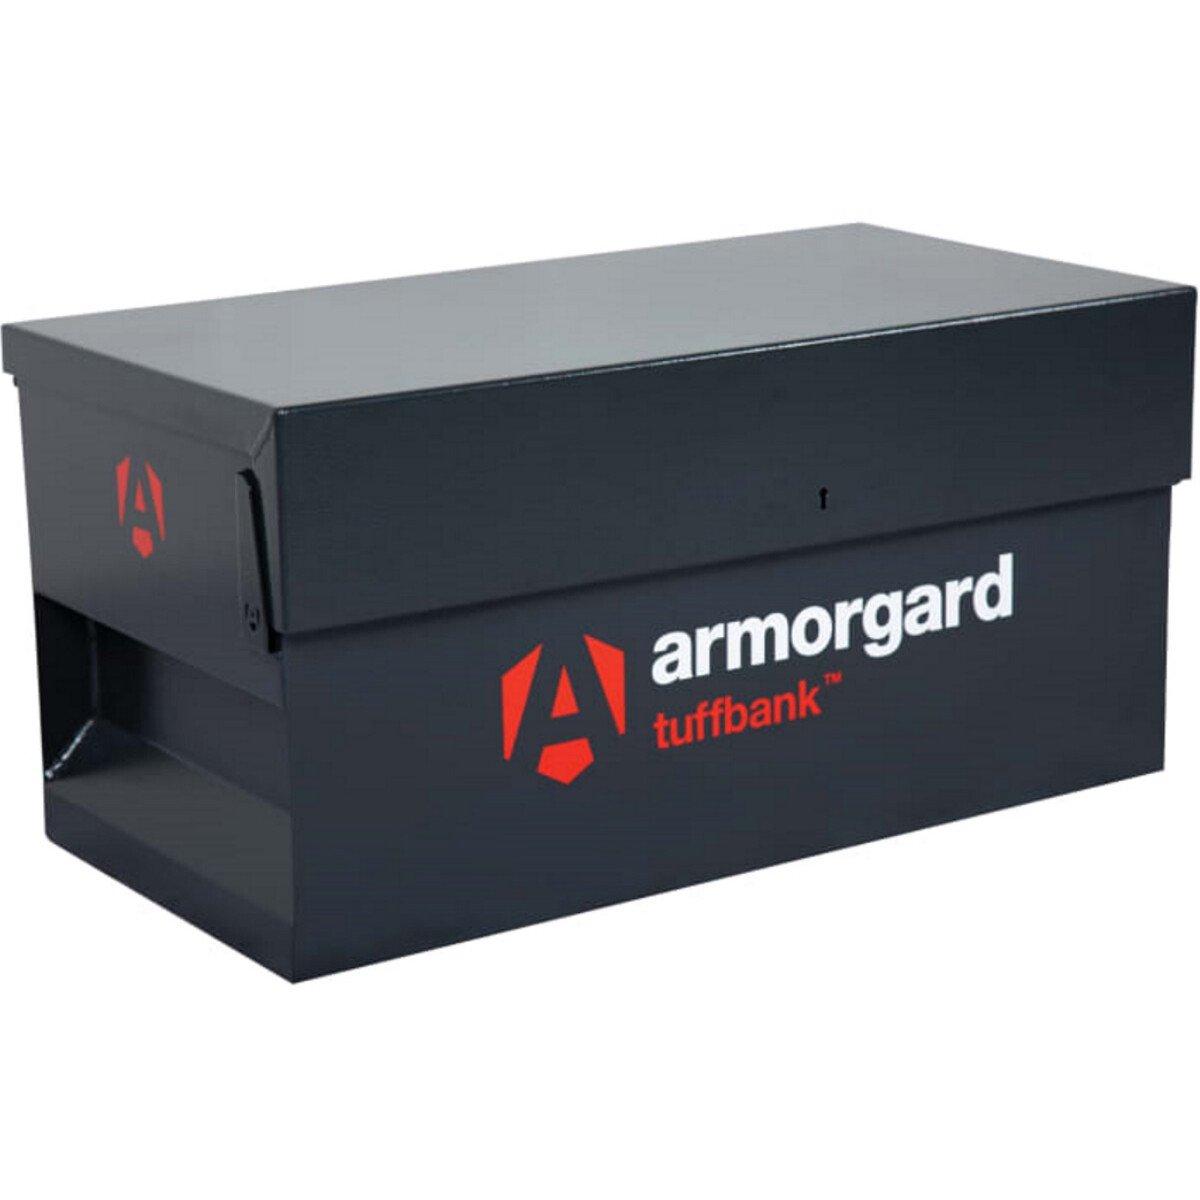 Armorgard TB1 Tuffbank Van Box ARMTB1N